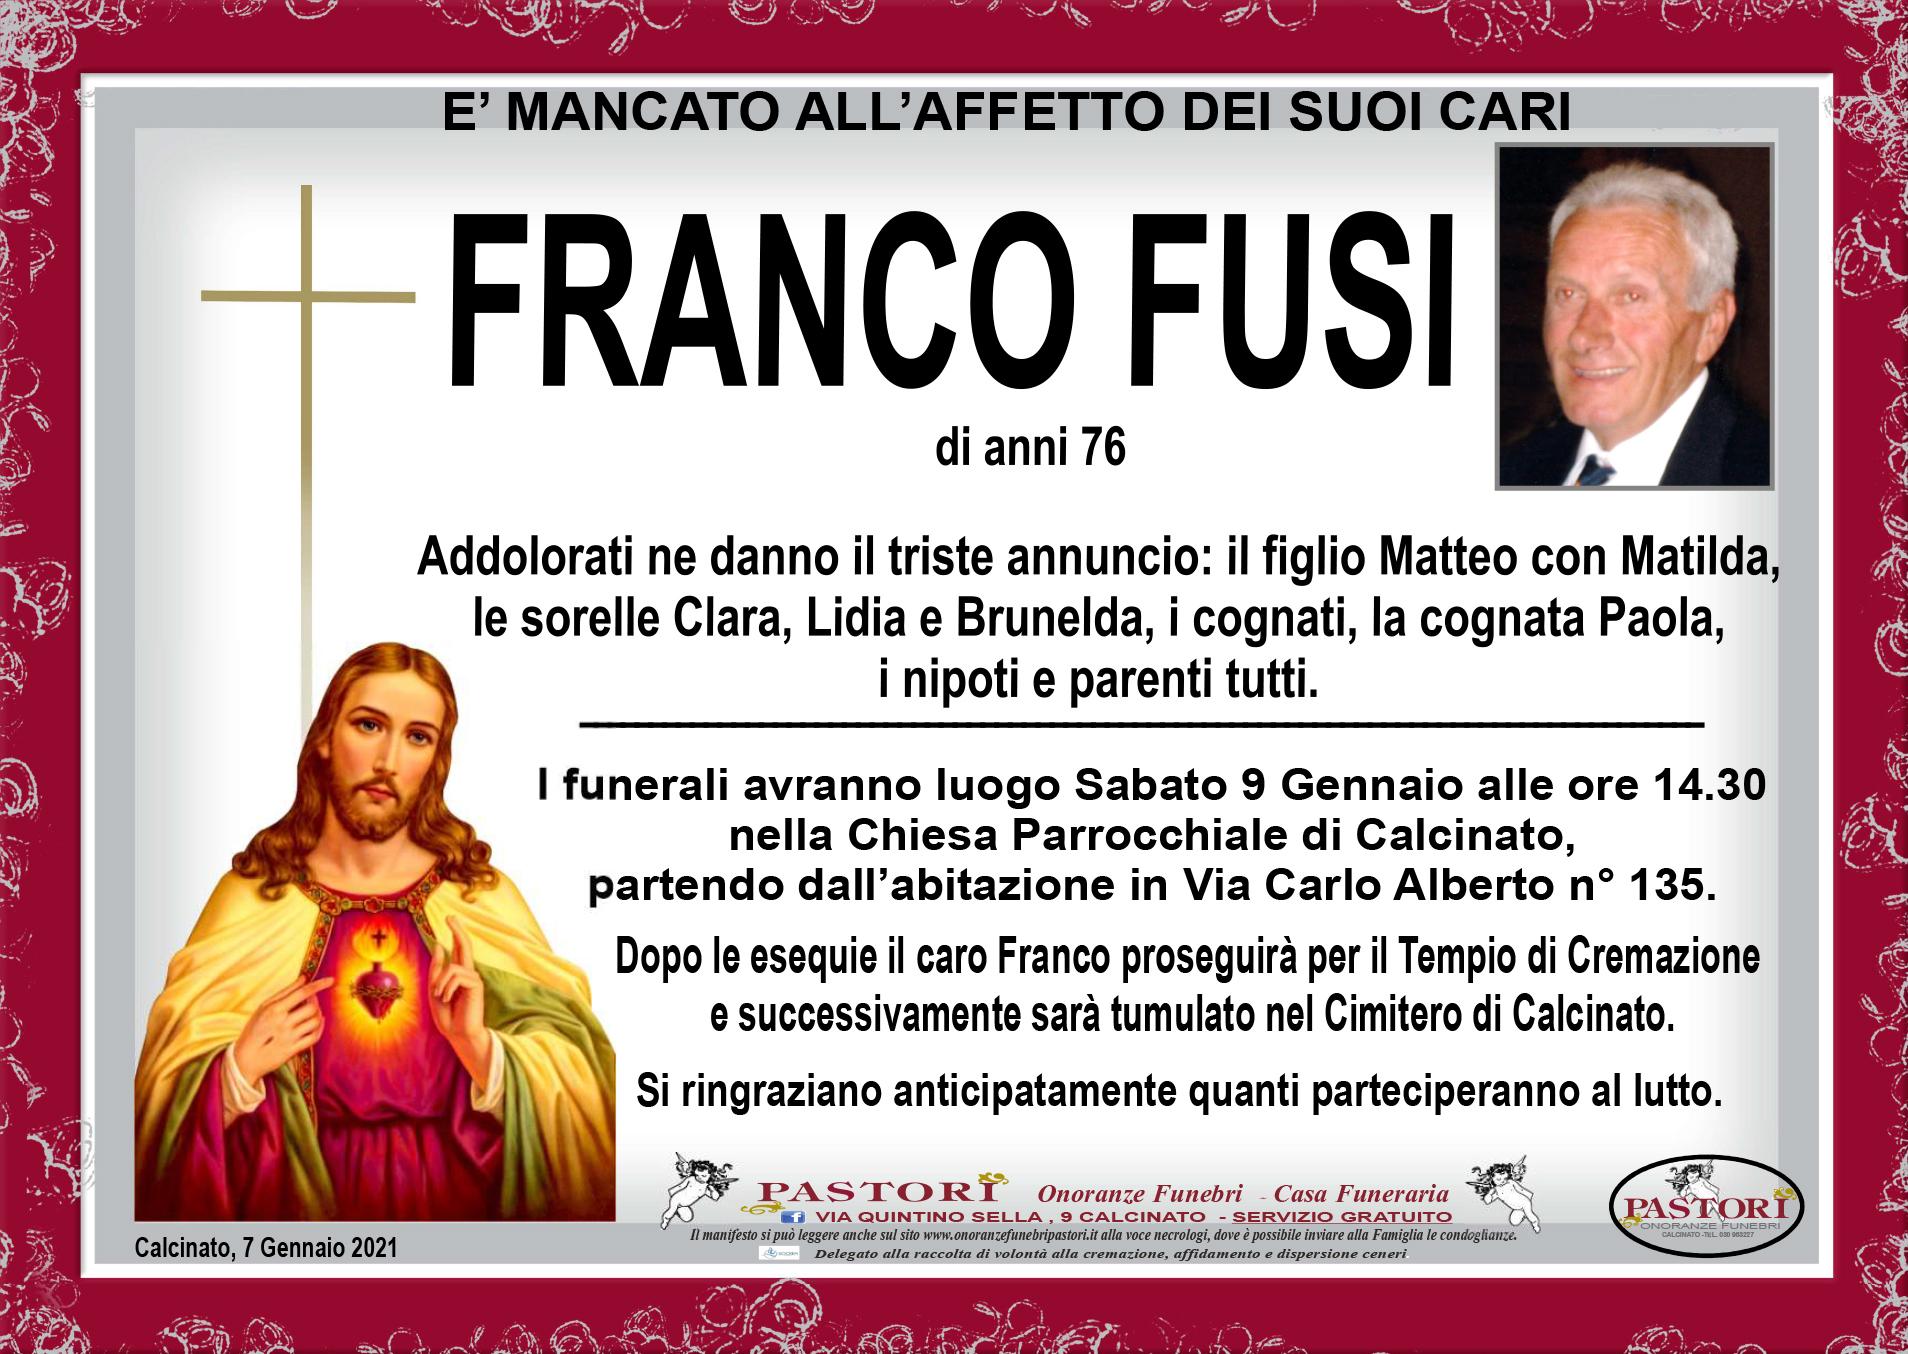 Franco Fusi